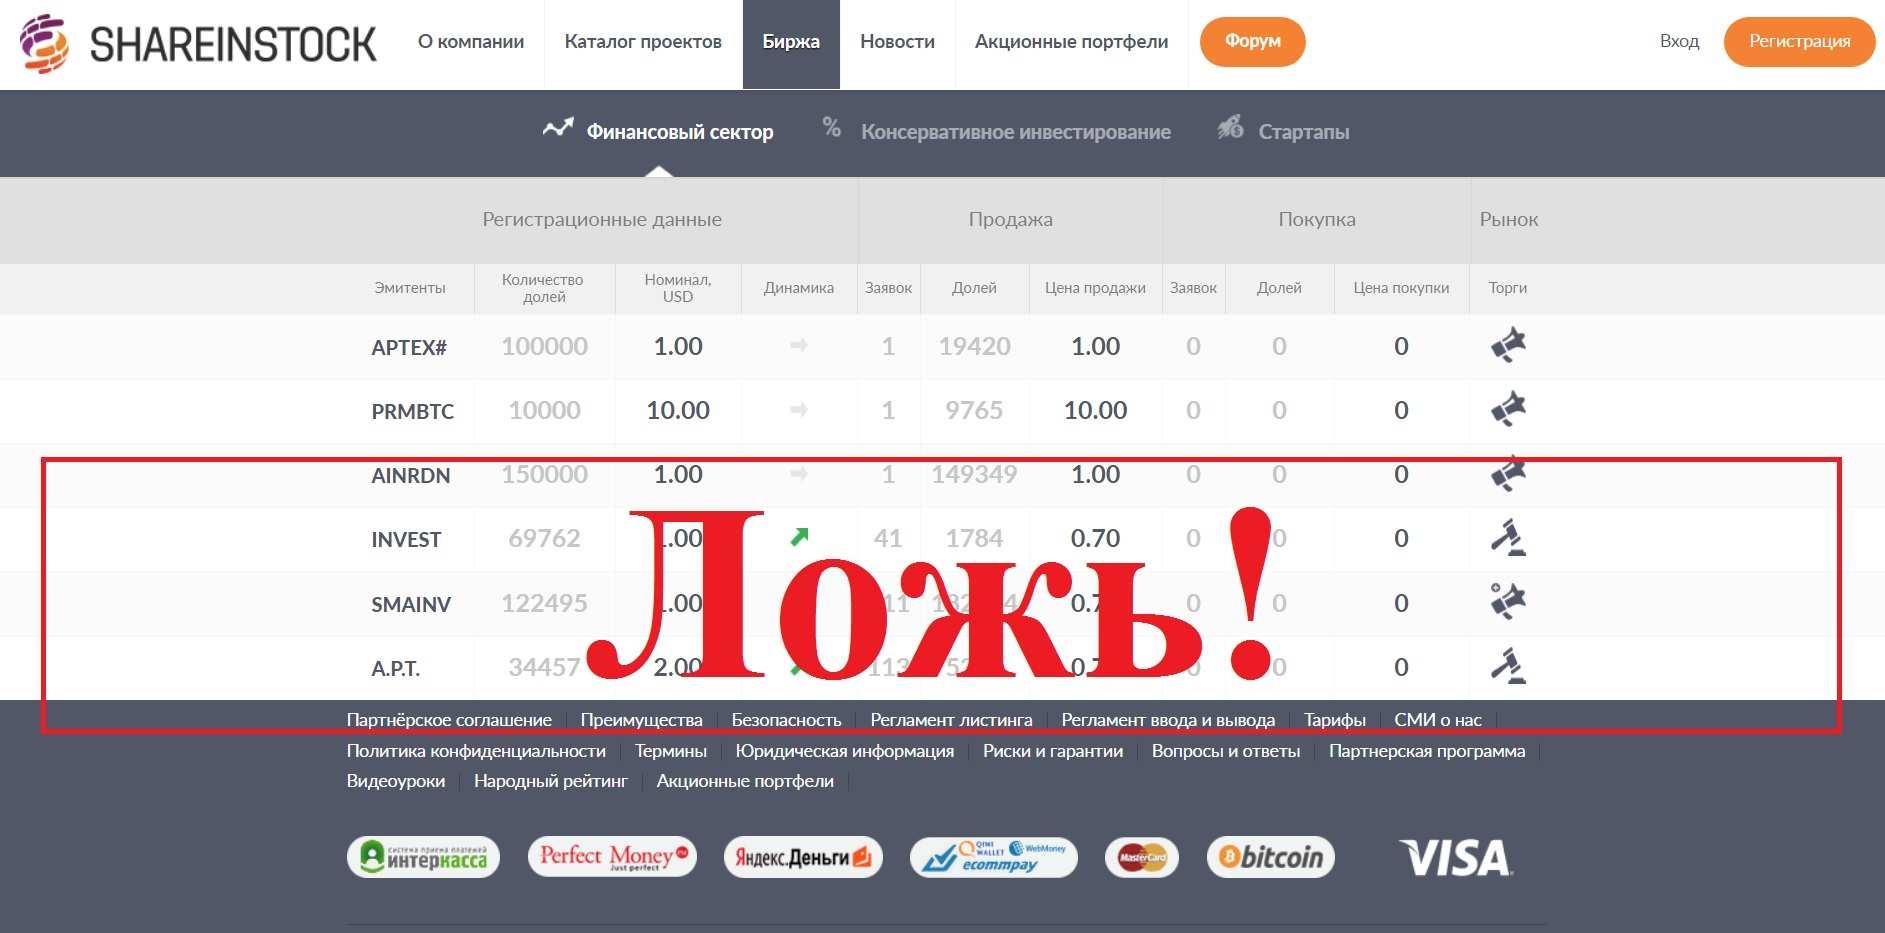 ShareInStock – отзывы о бирже долей